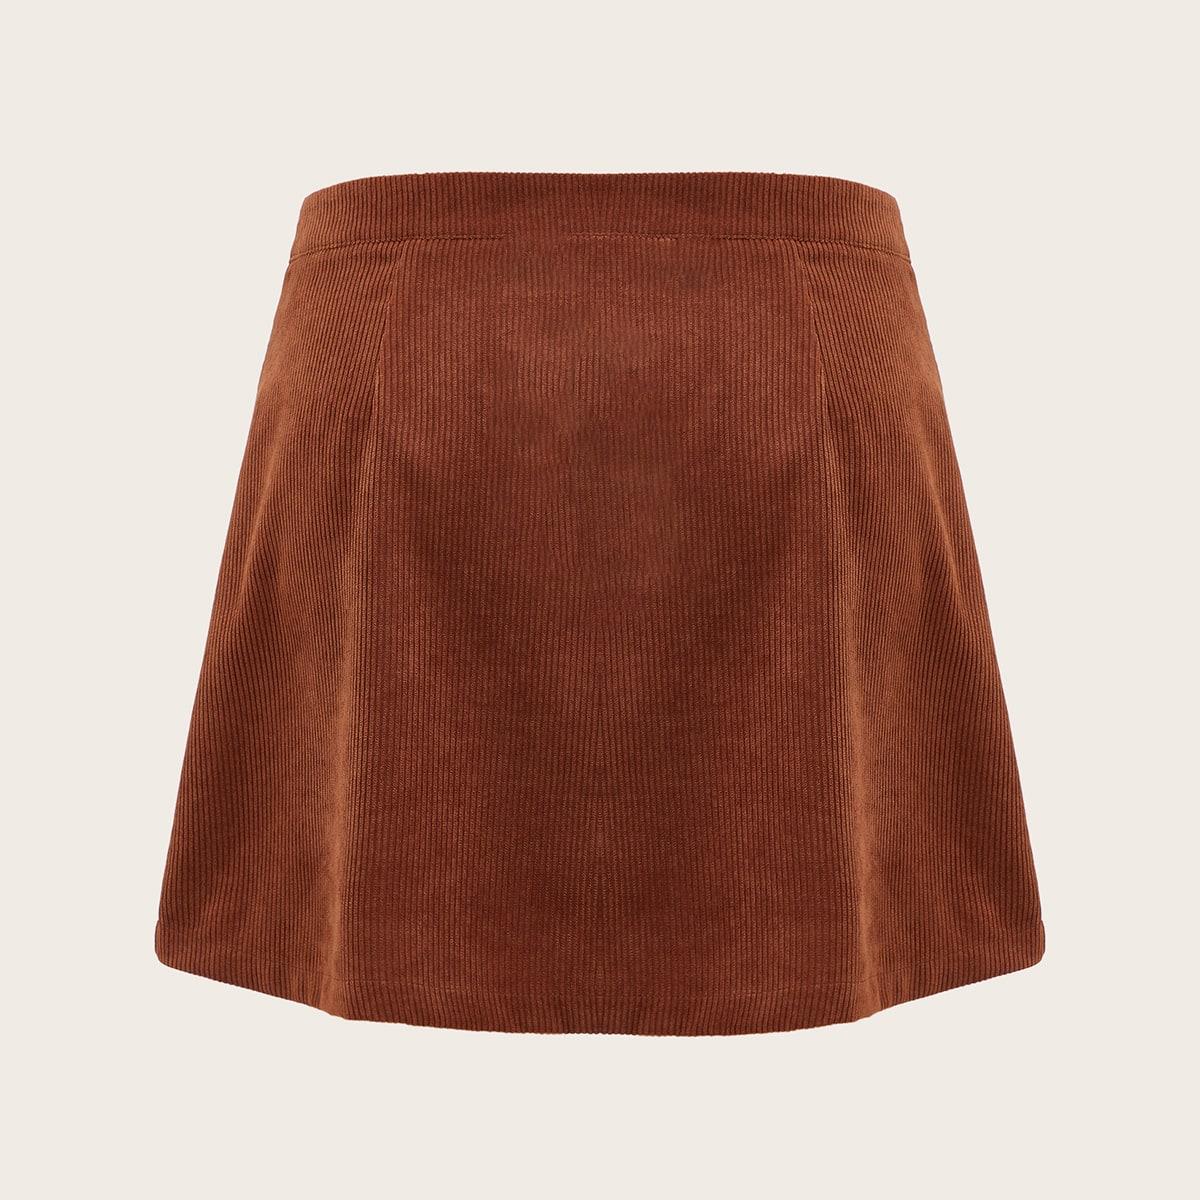 На молнии одноцветный повседневный юбки размер плюс